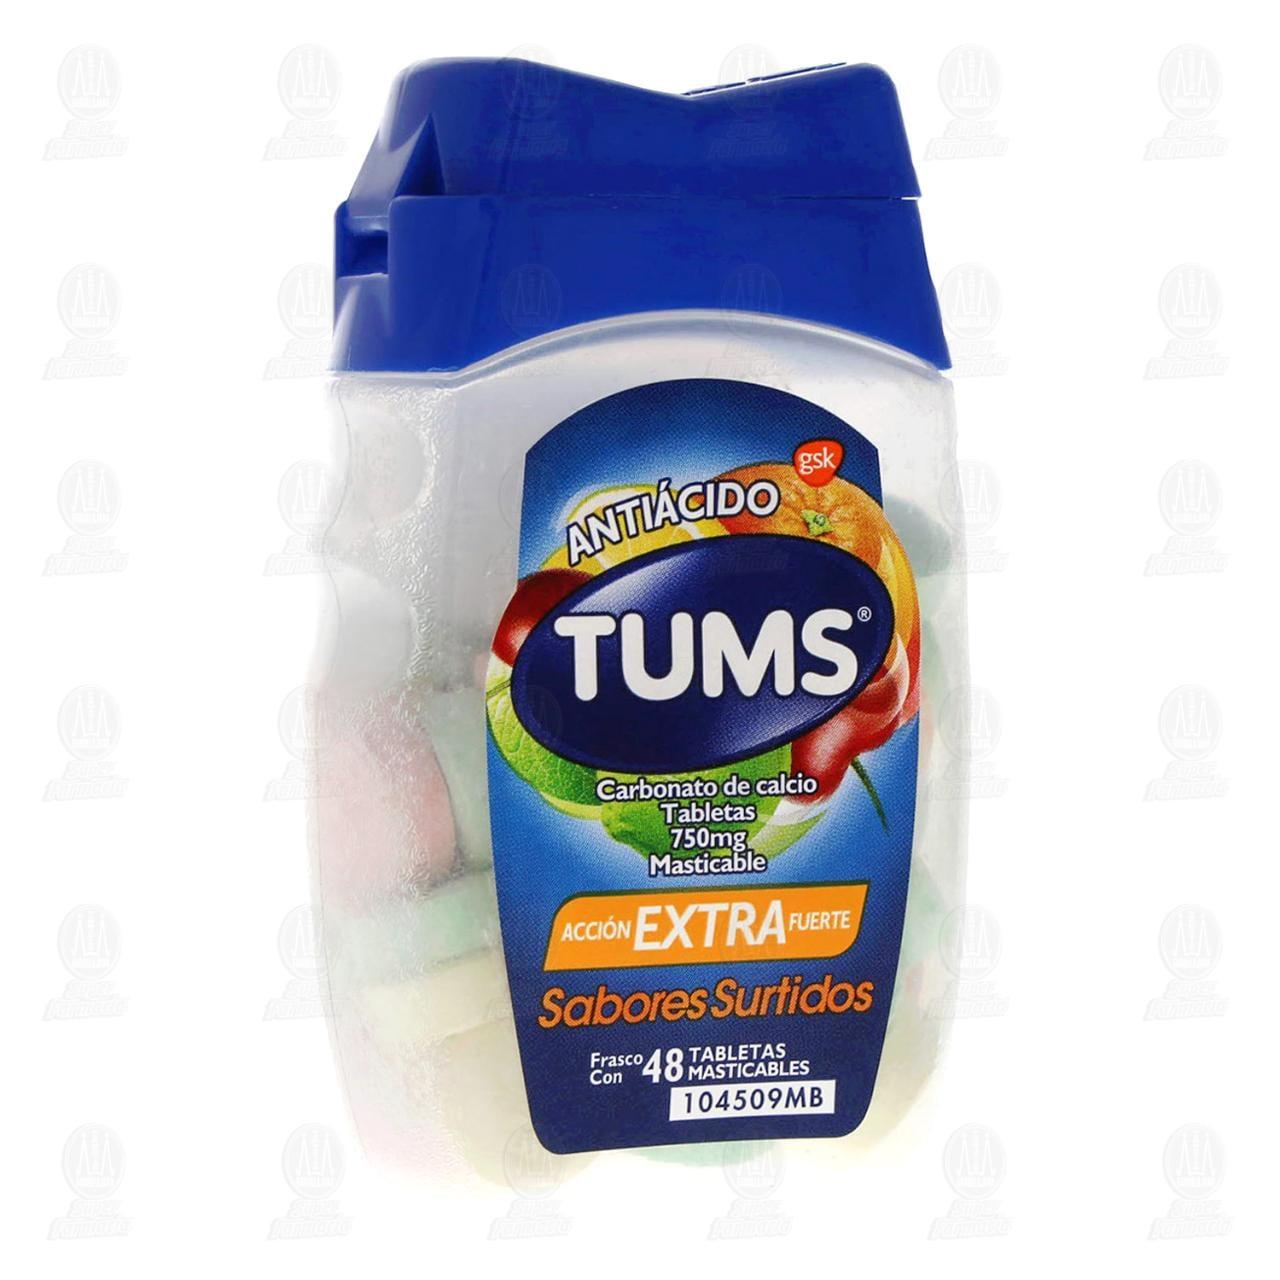 Comprar Tums Extra Surtido 48 Tabletas Frasco en Farmacias Guadalajara